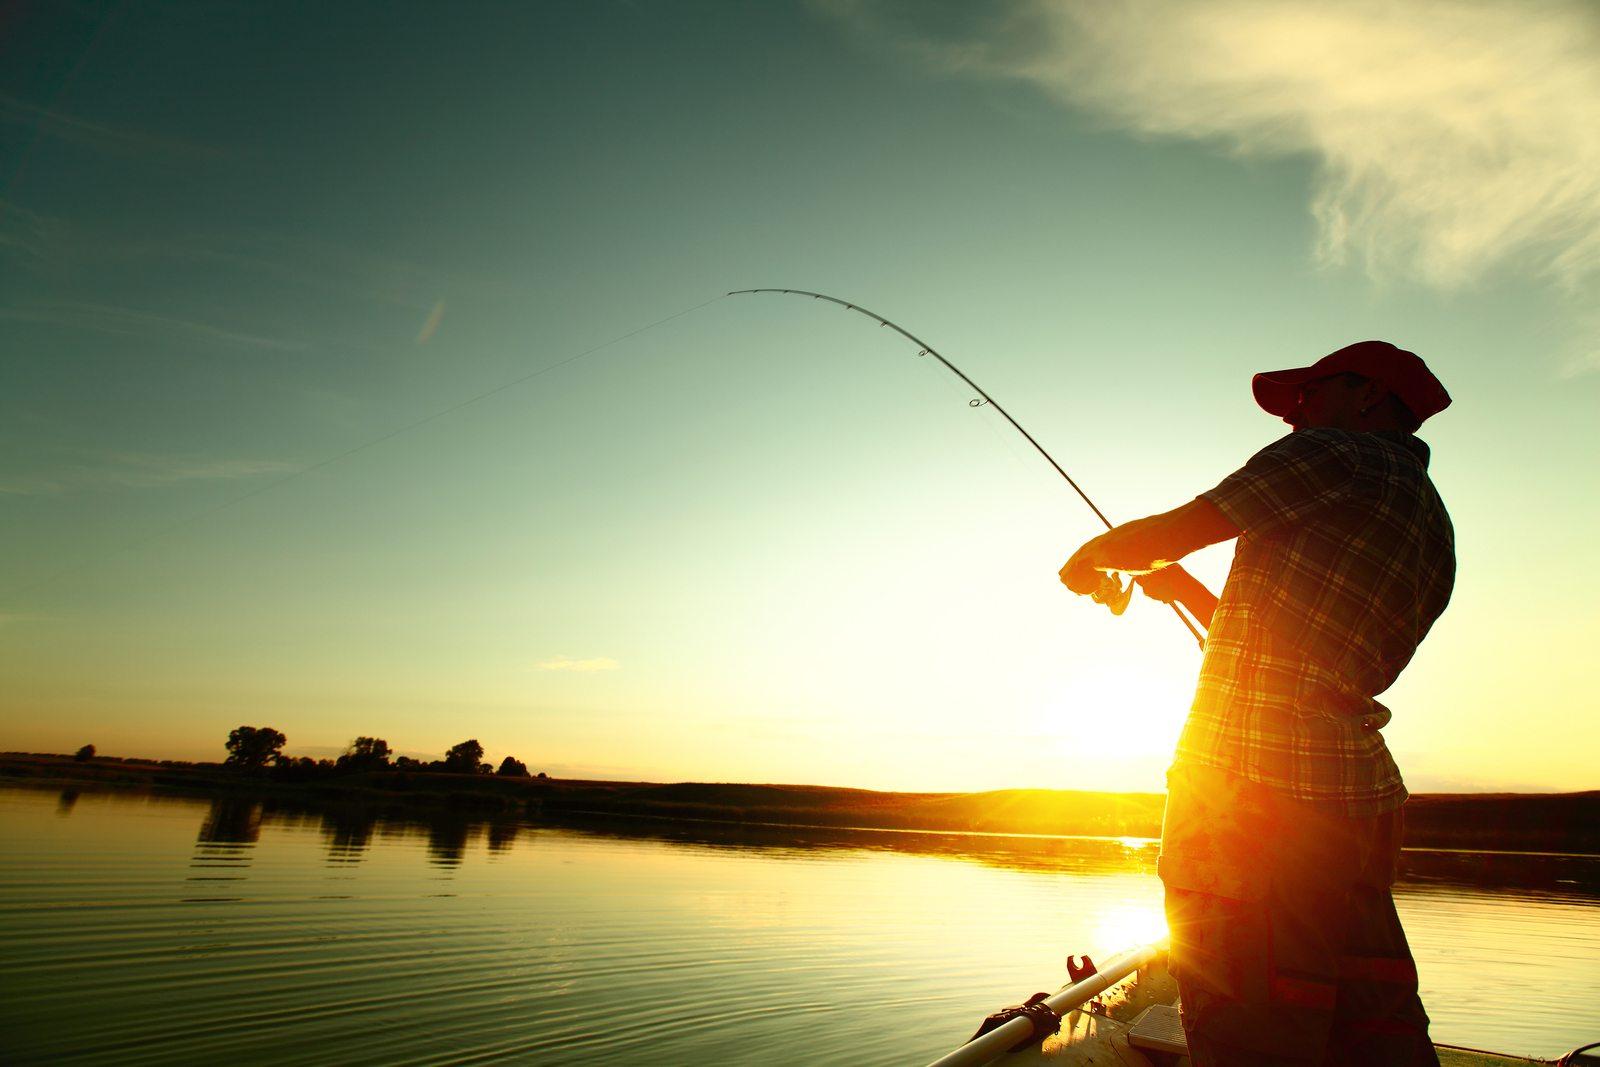 Картинки на рыбалке на заставку, сделать объемный